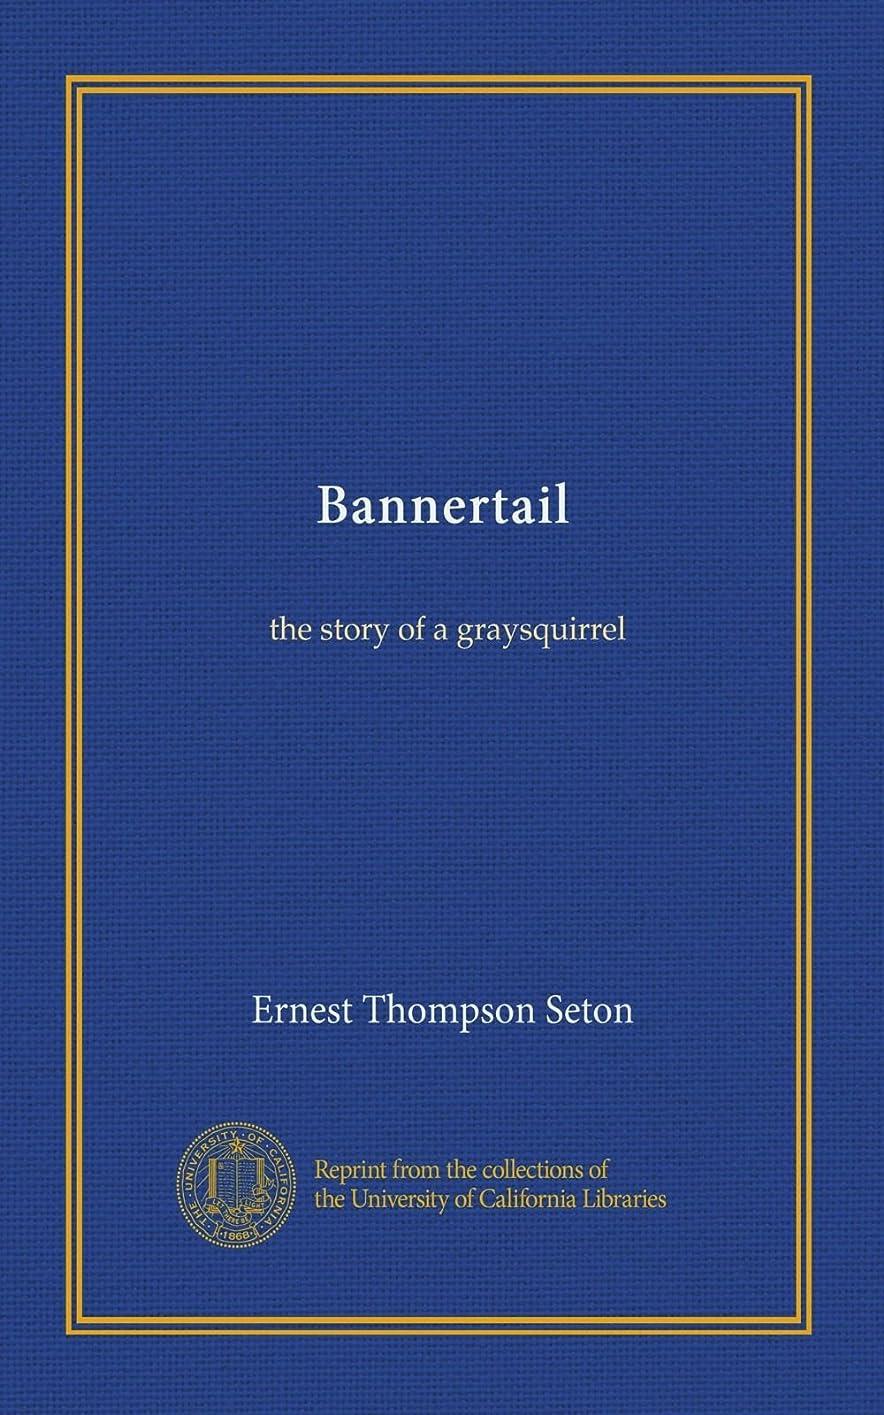 ウェブ甘やかすウィンクBannertail: the story of a graysquirrel